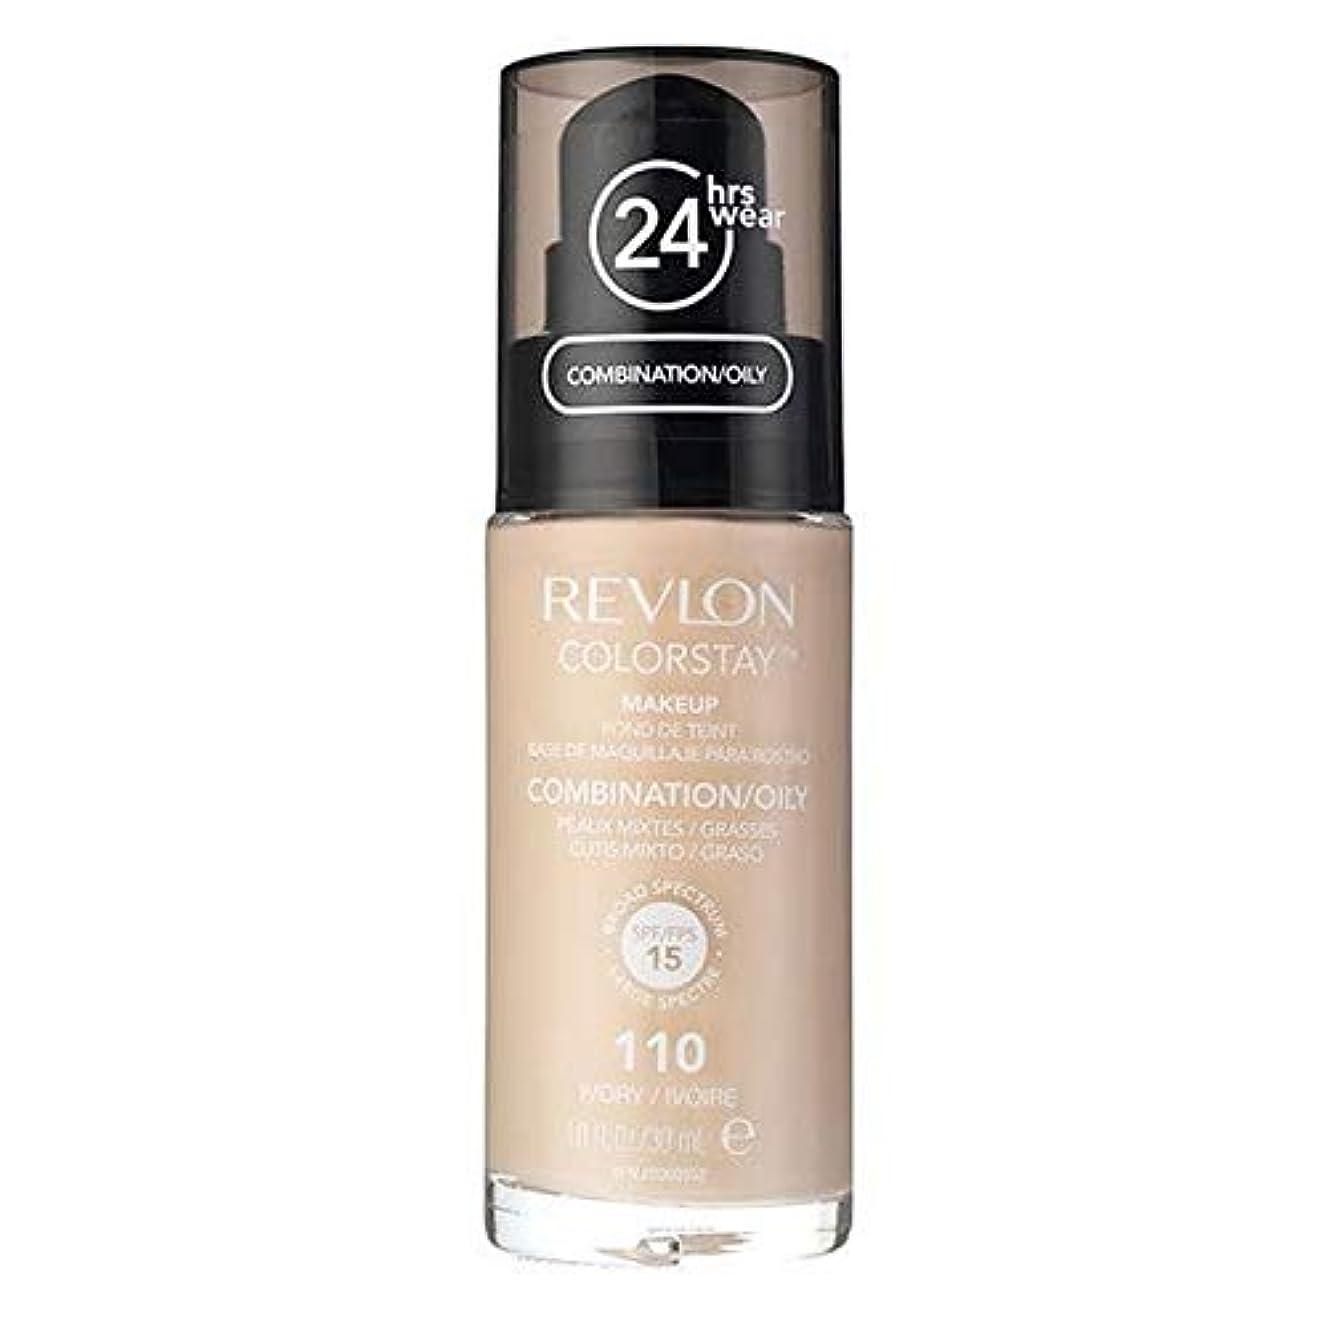 ハイジャック資格帰る[Revlon ] レブロンカラーステイ基盤コンビ/油性アイボリー30ミリリットル - Revlon Color Stay Foundation Combi/Oily Ivory 30ml [並行輸入品]